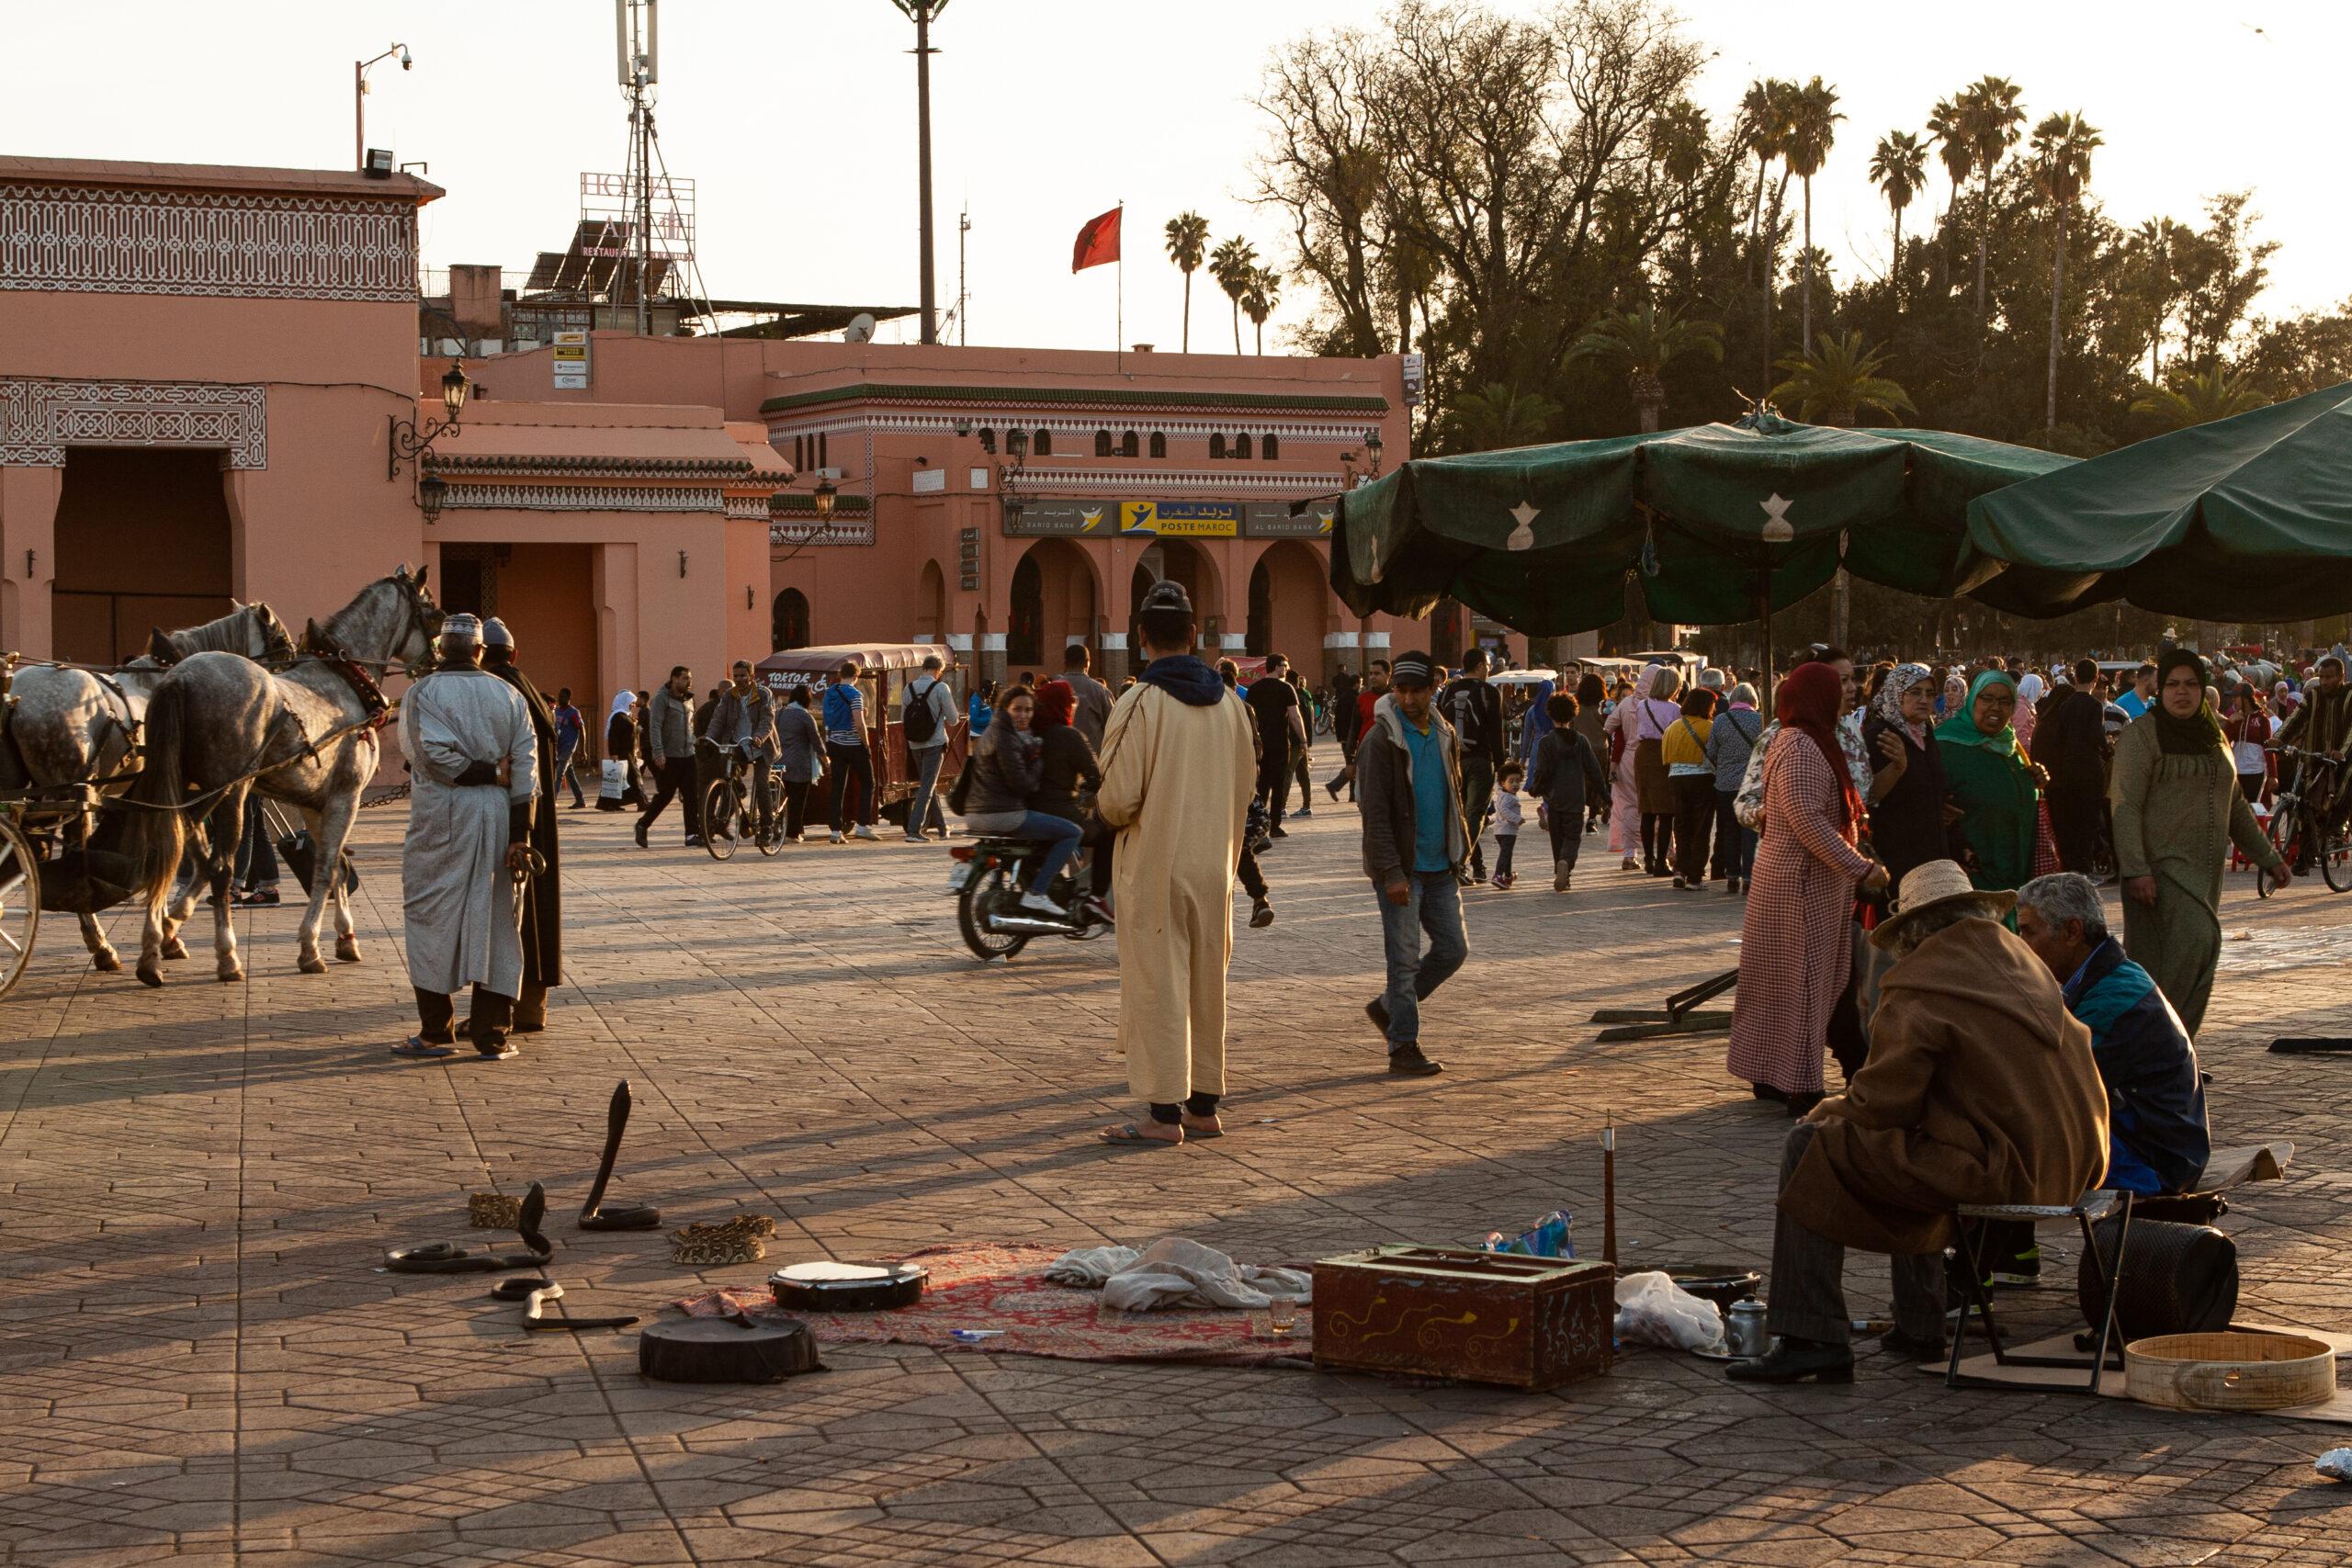 dzamaa-el-fna-zmei-marrakesh